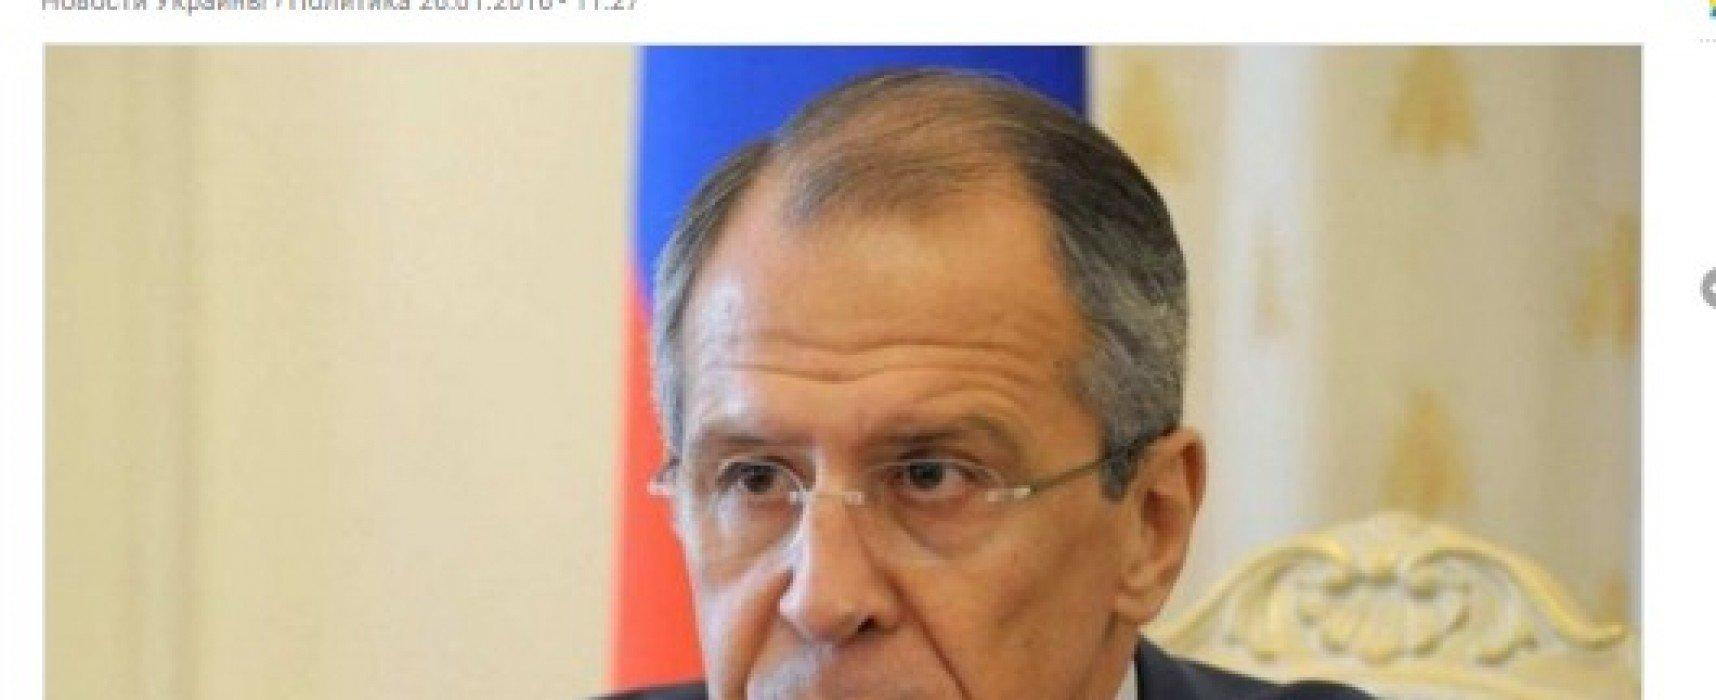 Сергей Лавров излъга за задълженията на РФ пред Украйна